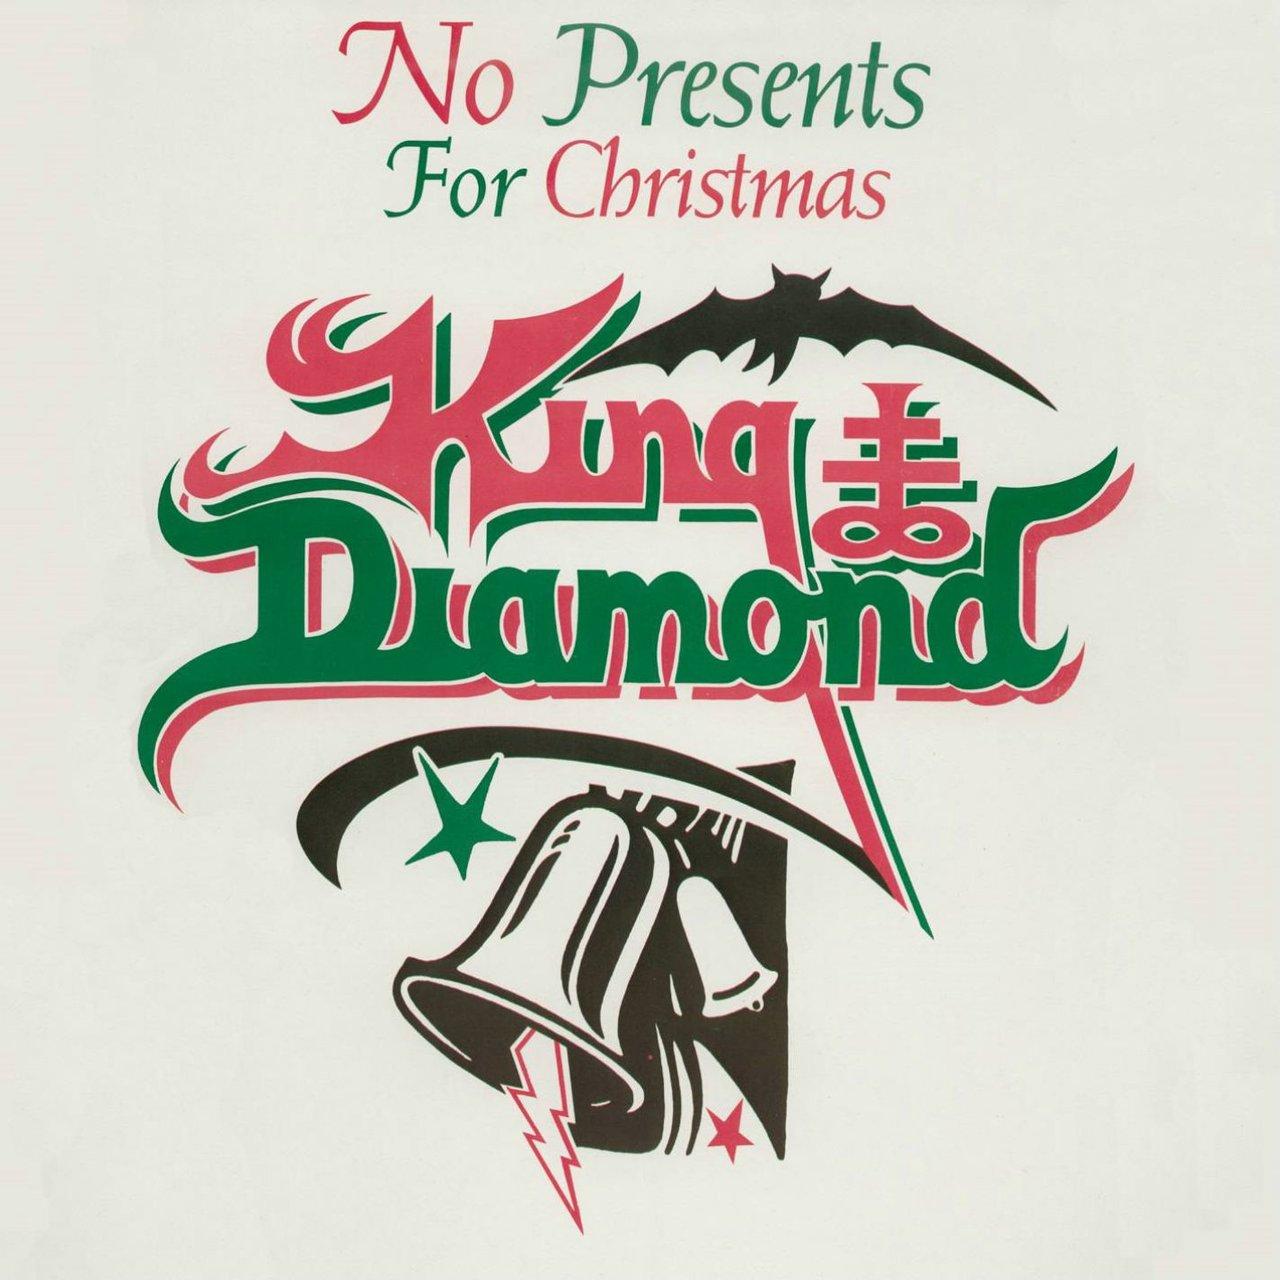 King diamond no presents for christmas - King Diamond No Presents For Christmas 14